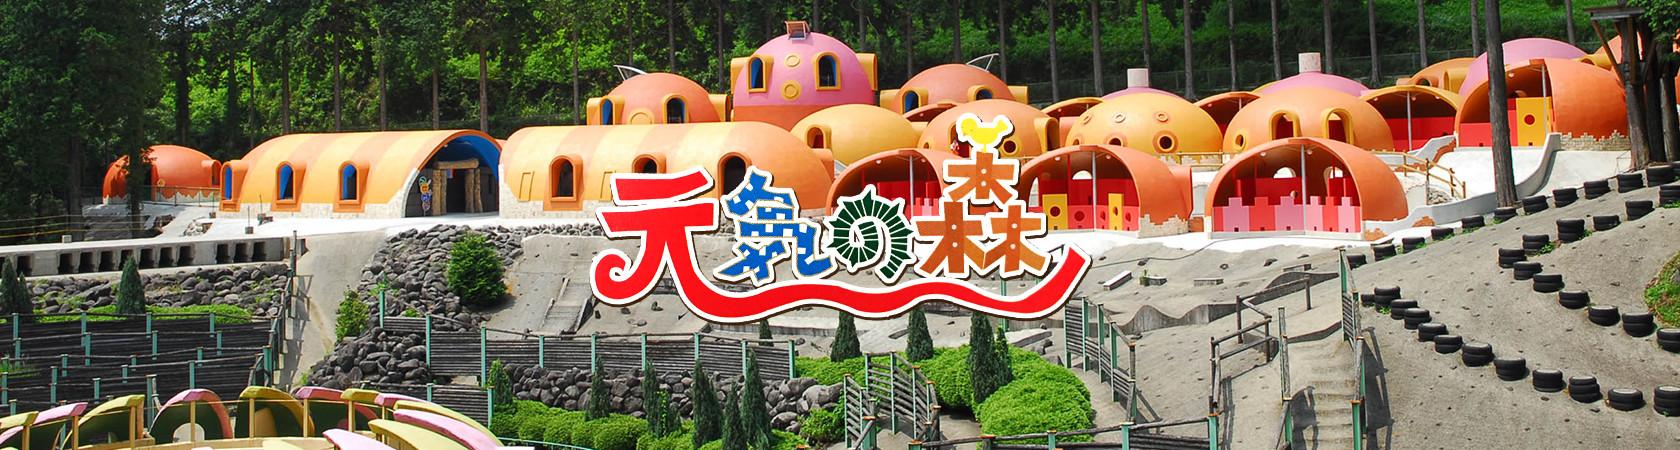 阿苏农园山庄<br/>Aso Farm Village